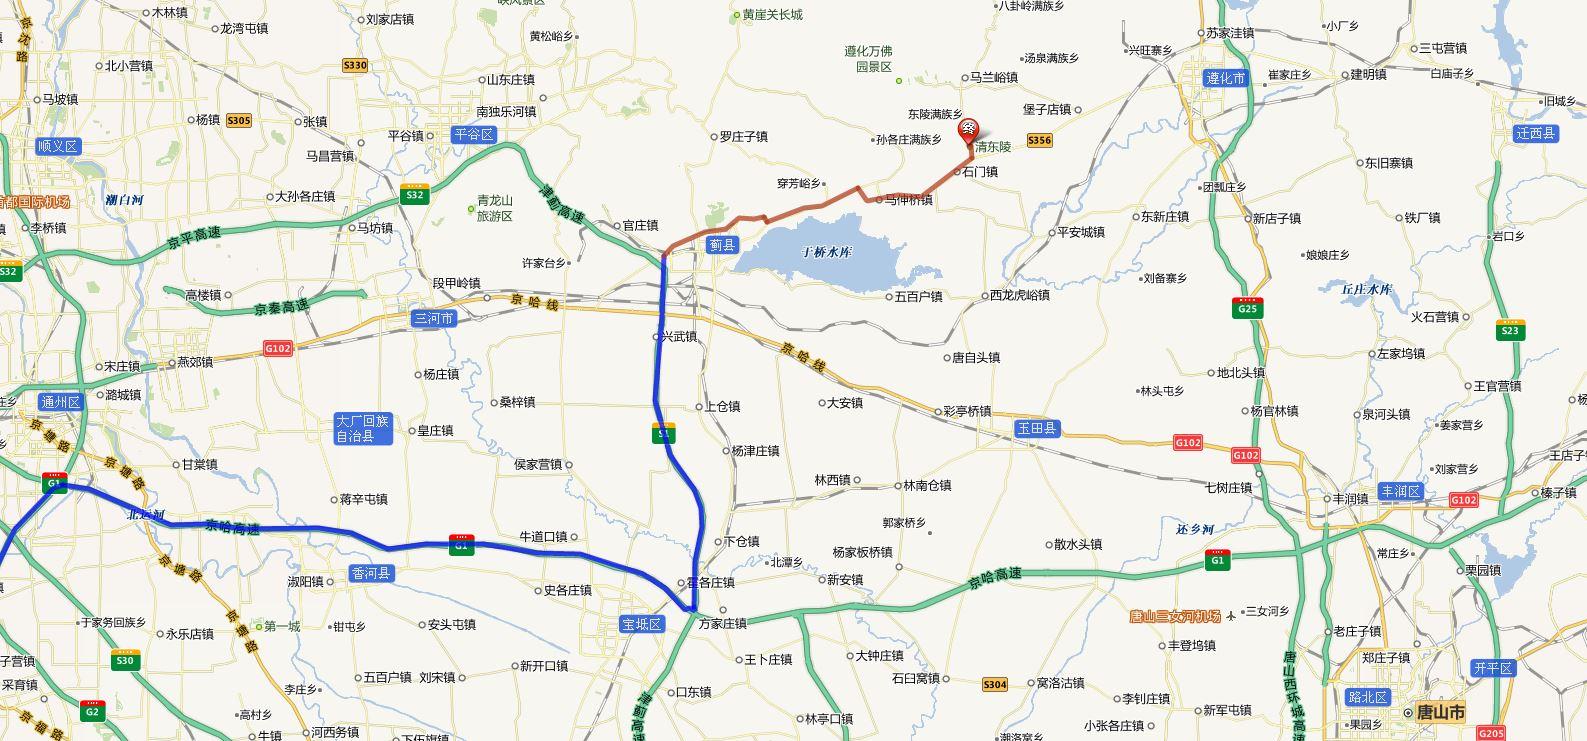 京石第二高速什么时候通车 急求 京石第二高速路线 具体何时动工图片